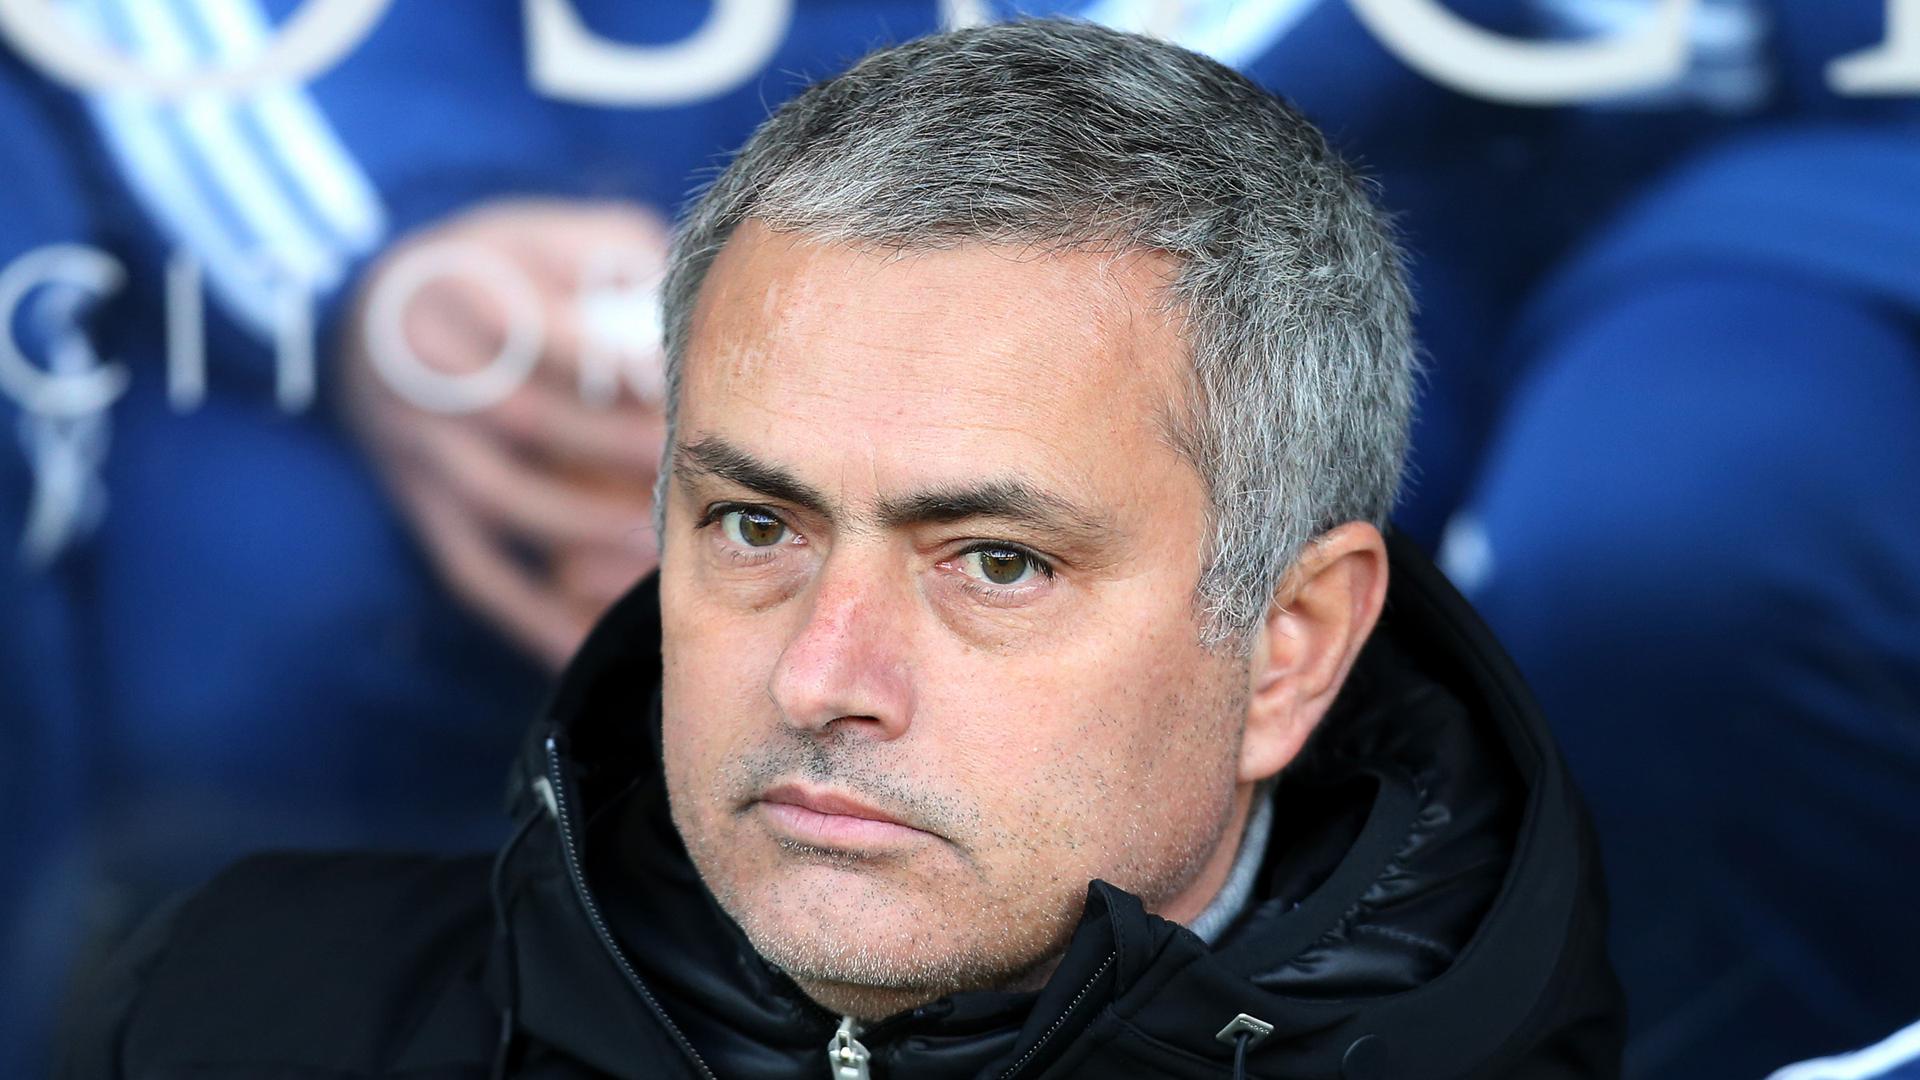 Jose-Mourinho-FTR-020414.jpg